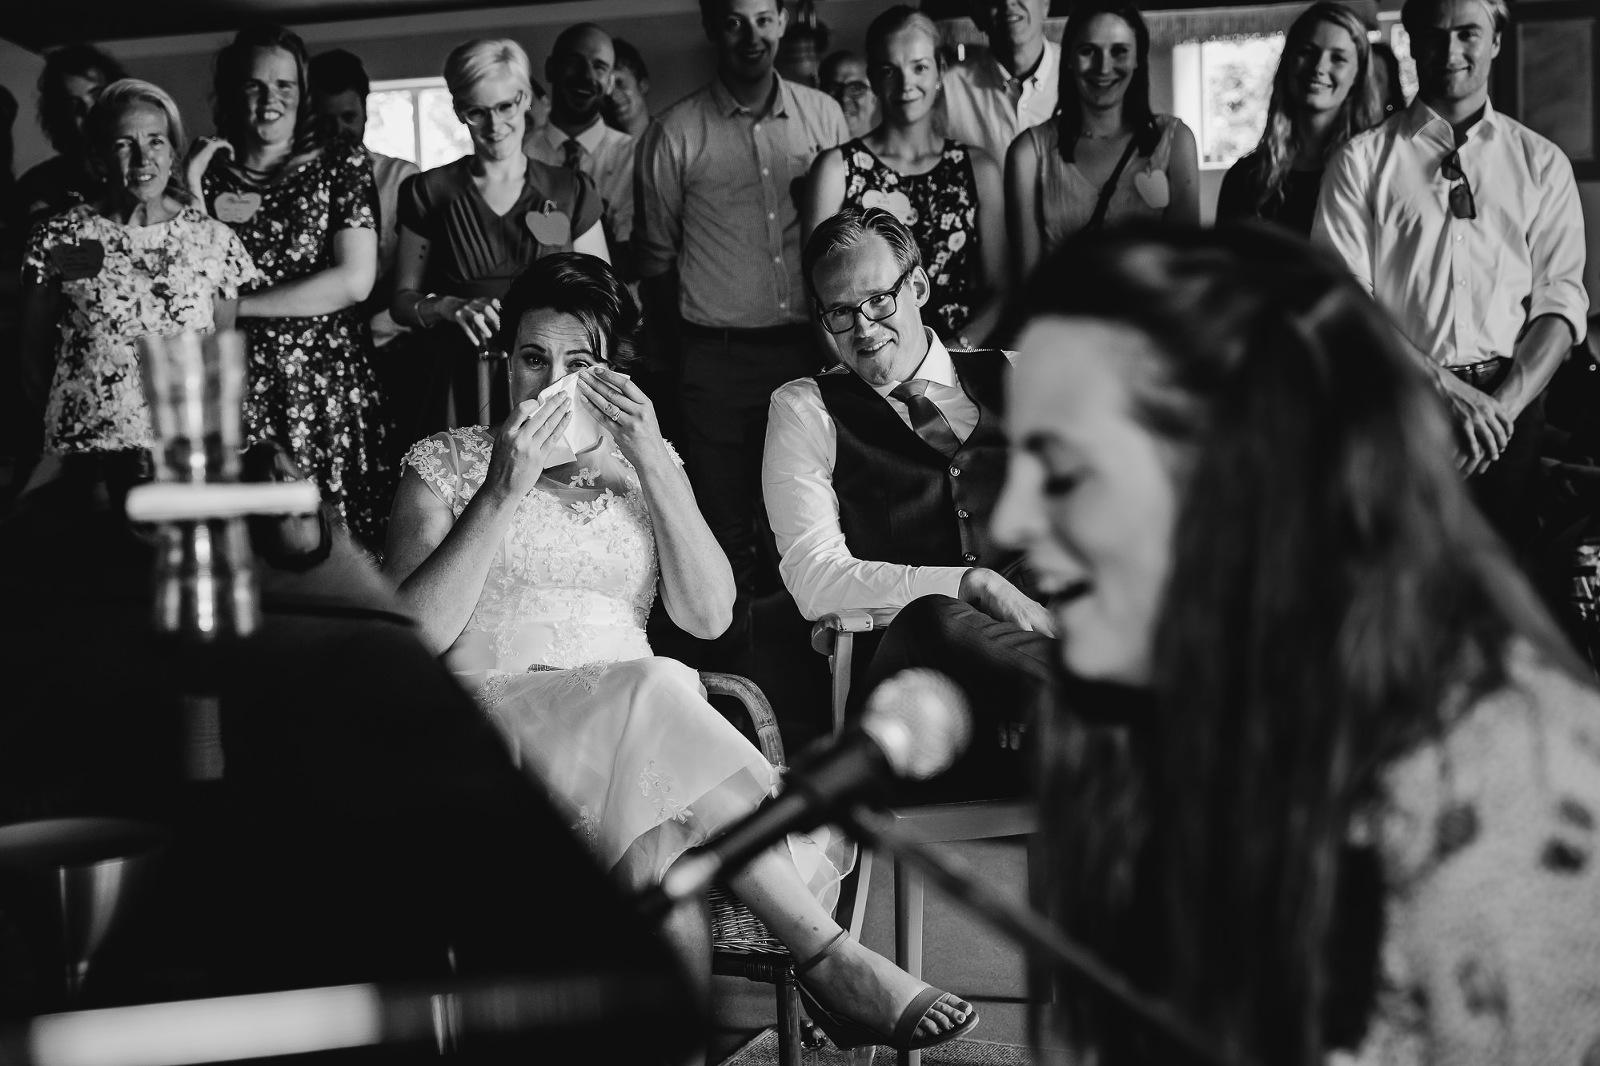 Spontane bruidsfotografie, speech, stukje op je bruiloft, bruidsfotograaf Zwolle, bruidsfotografie, trouwen, trouwfotograaf